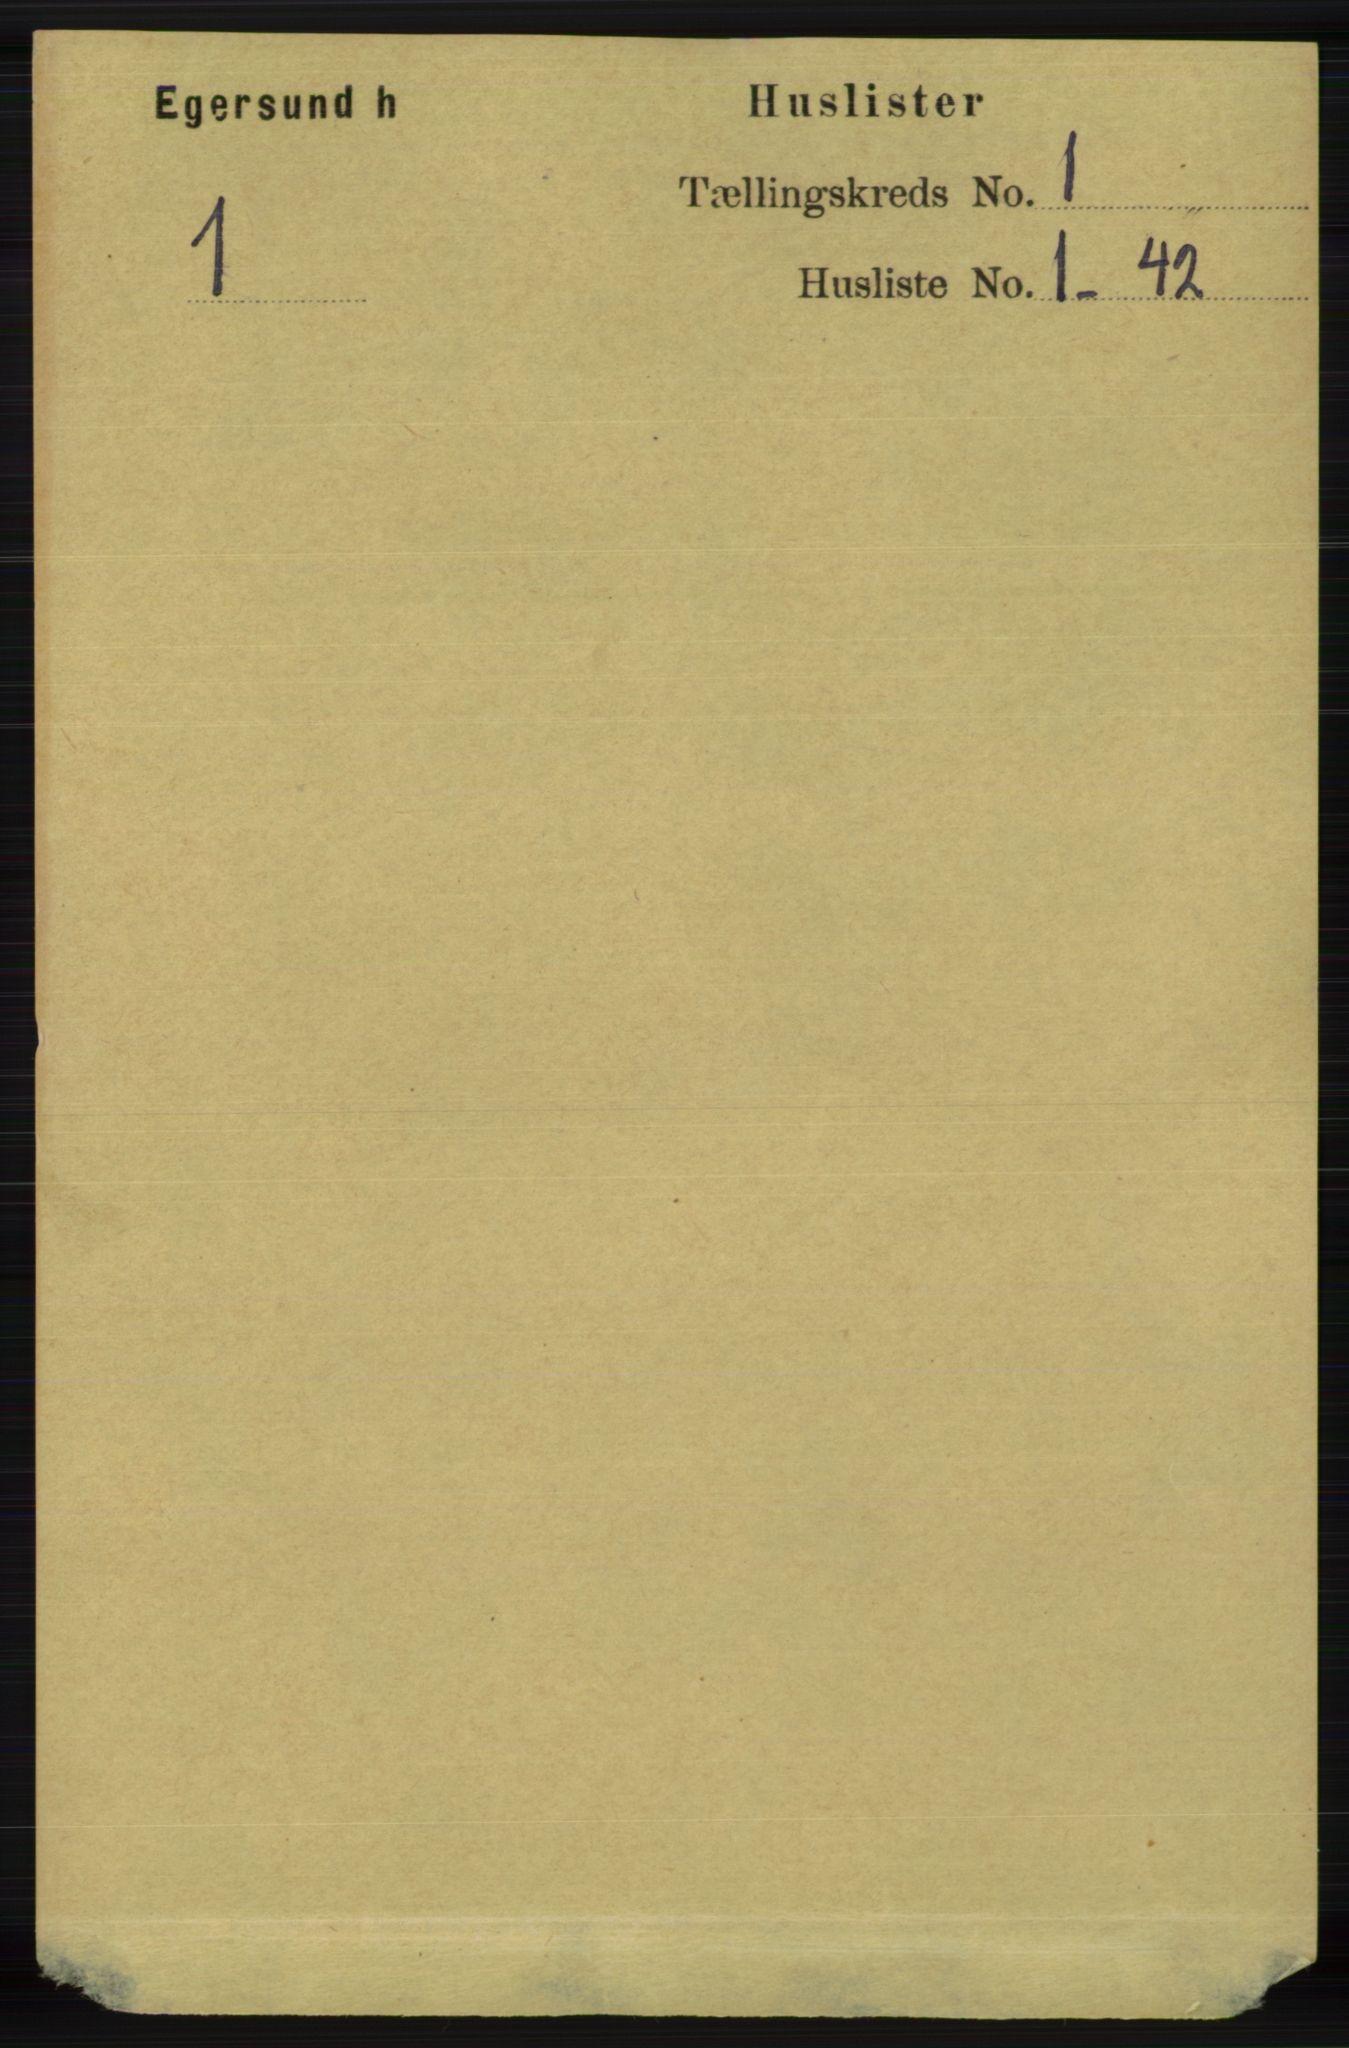 RA, Folketelling 1891 for 1116 Eigersund herred, 1891, s. 21